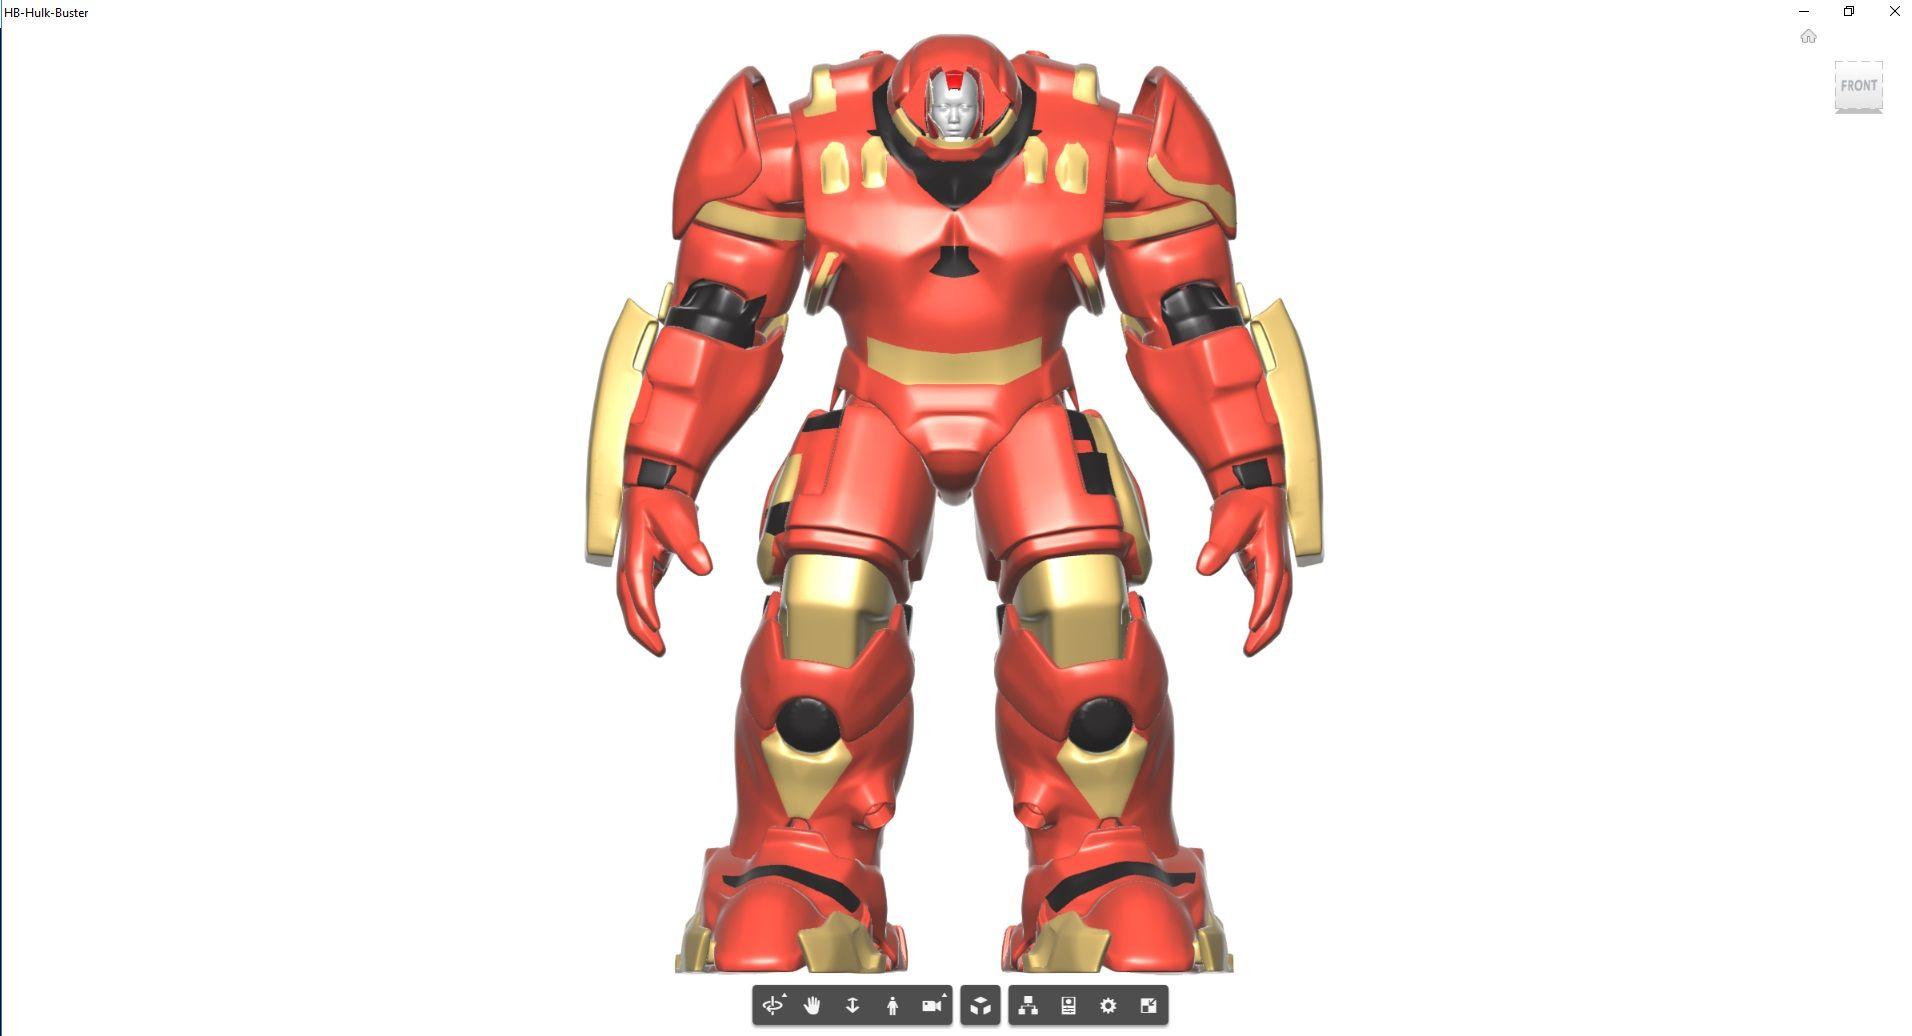 Hulk-6-3500-3500